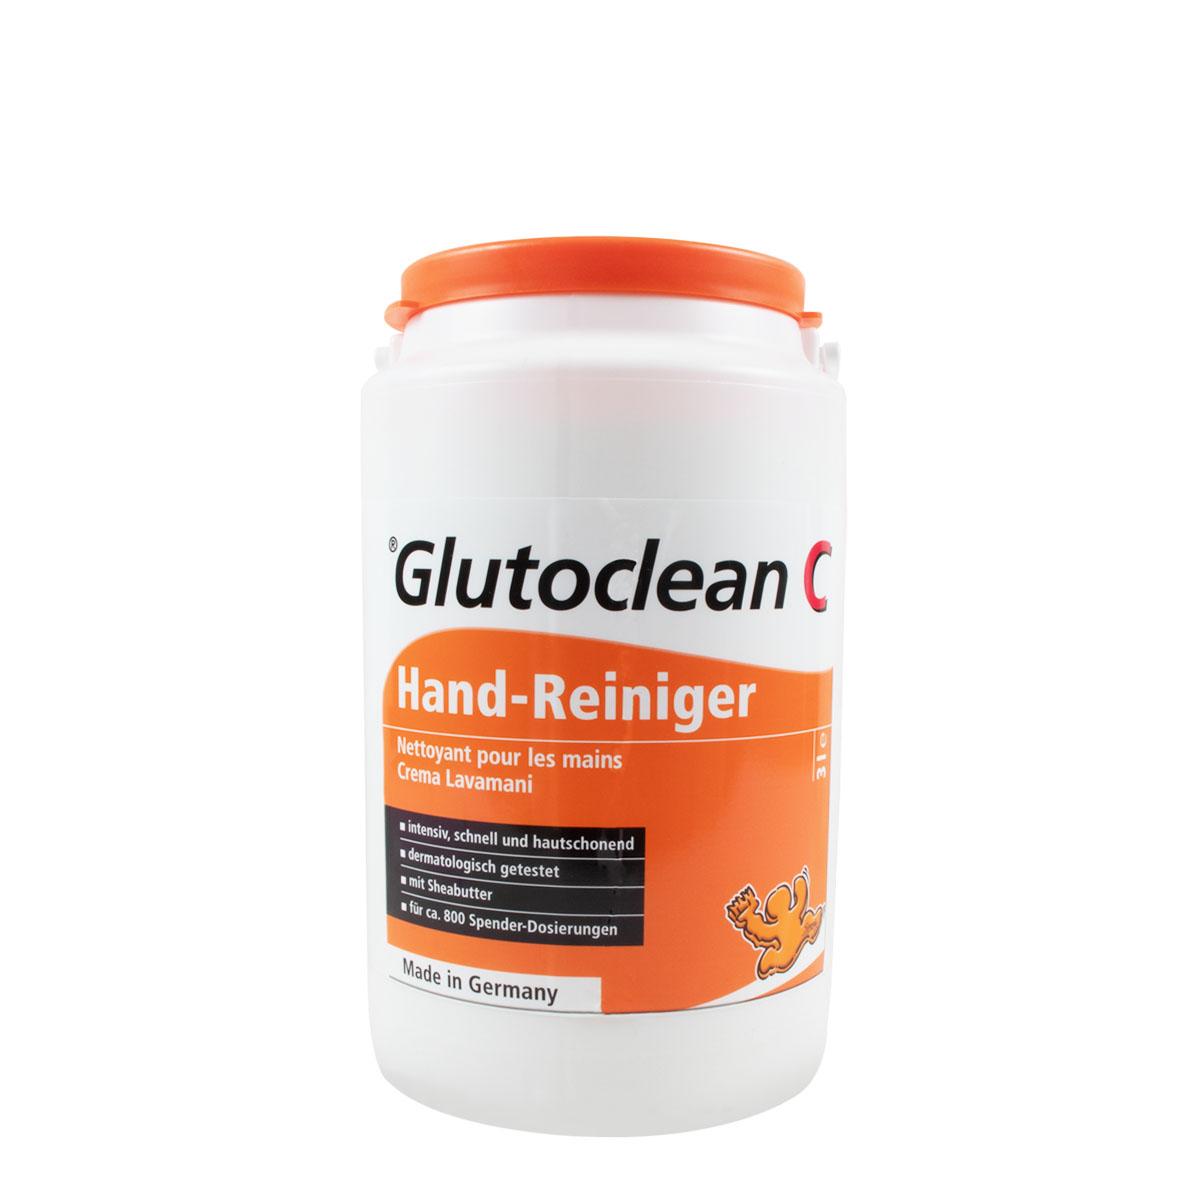 Glutoclean C Hand-Reiniger 3L Handreinigungscreme